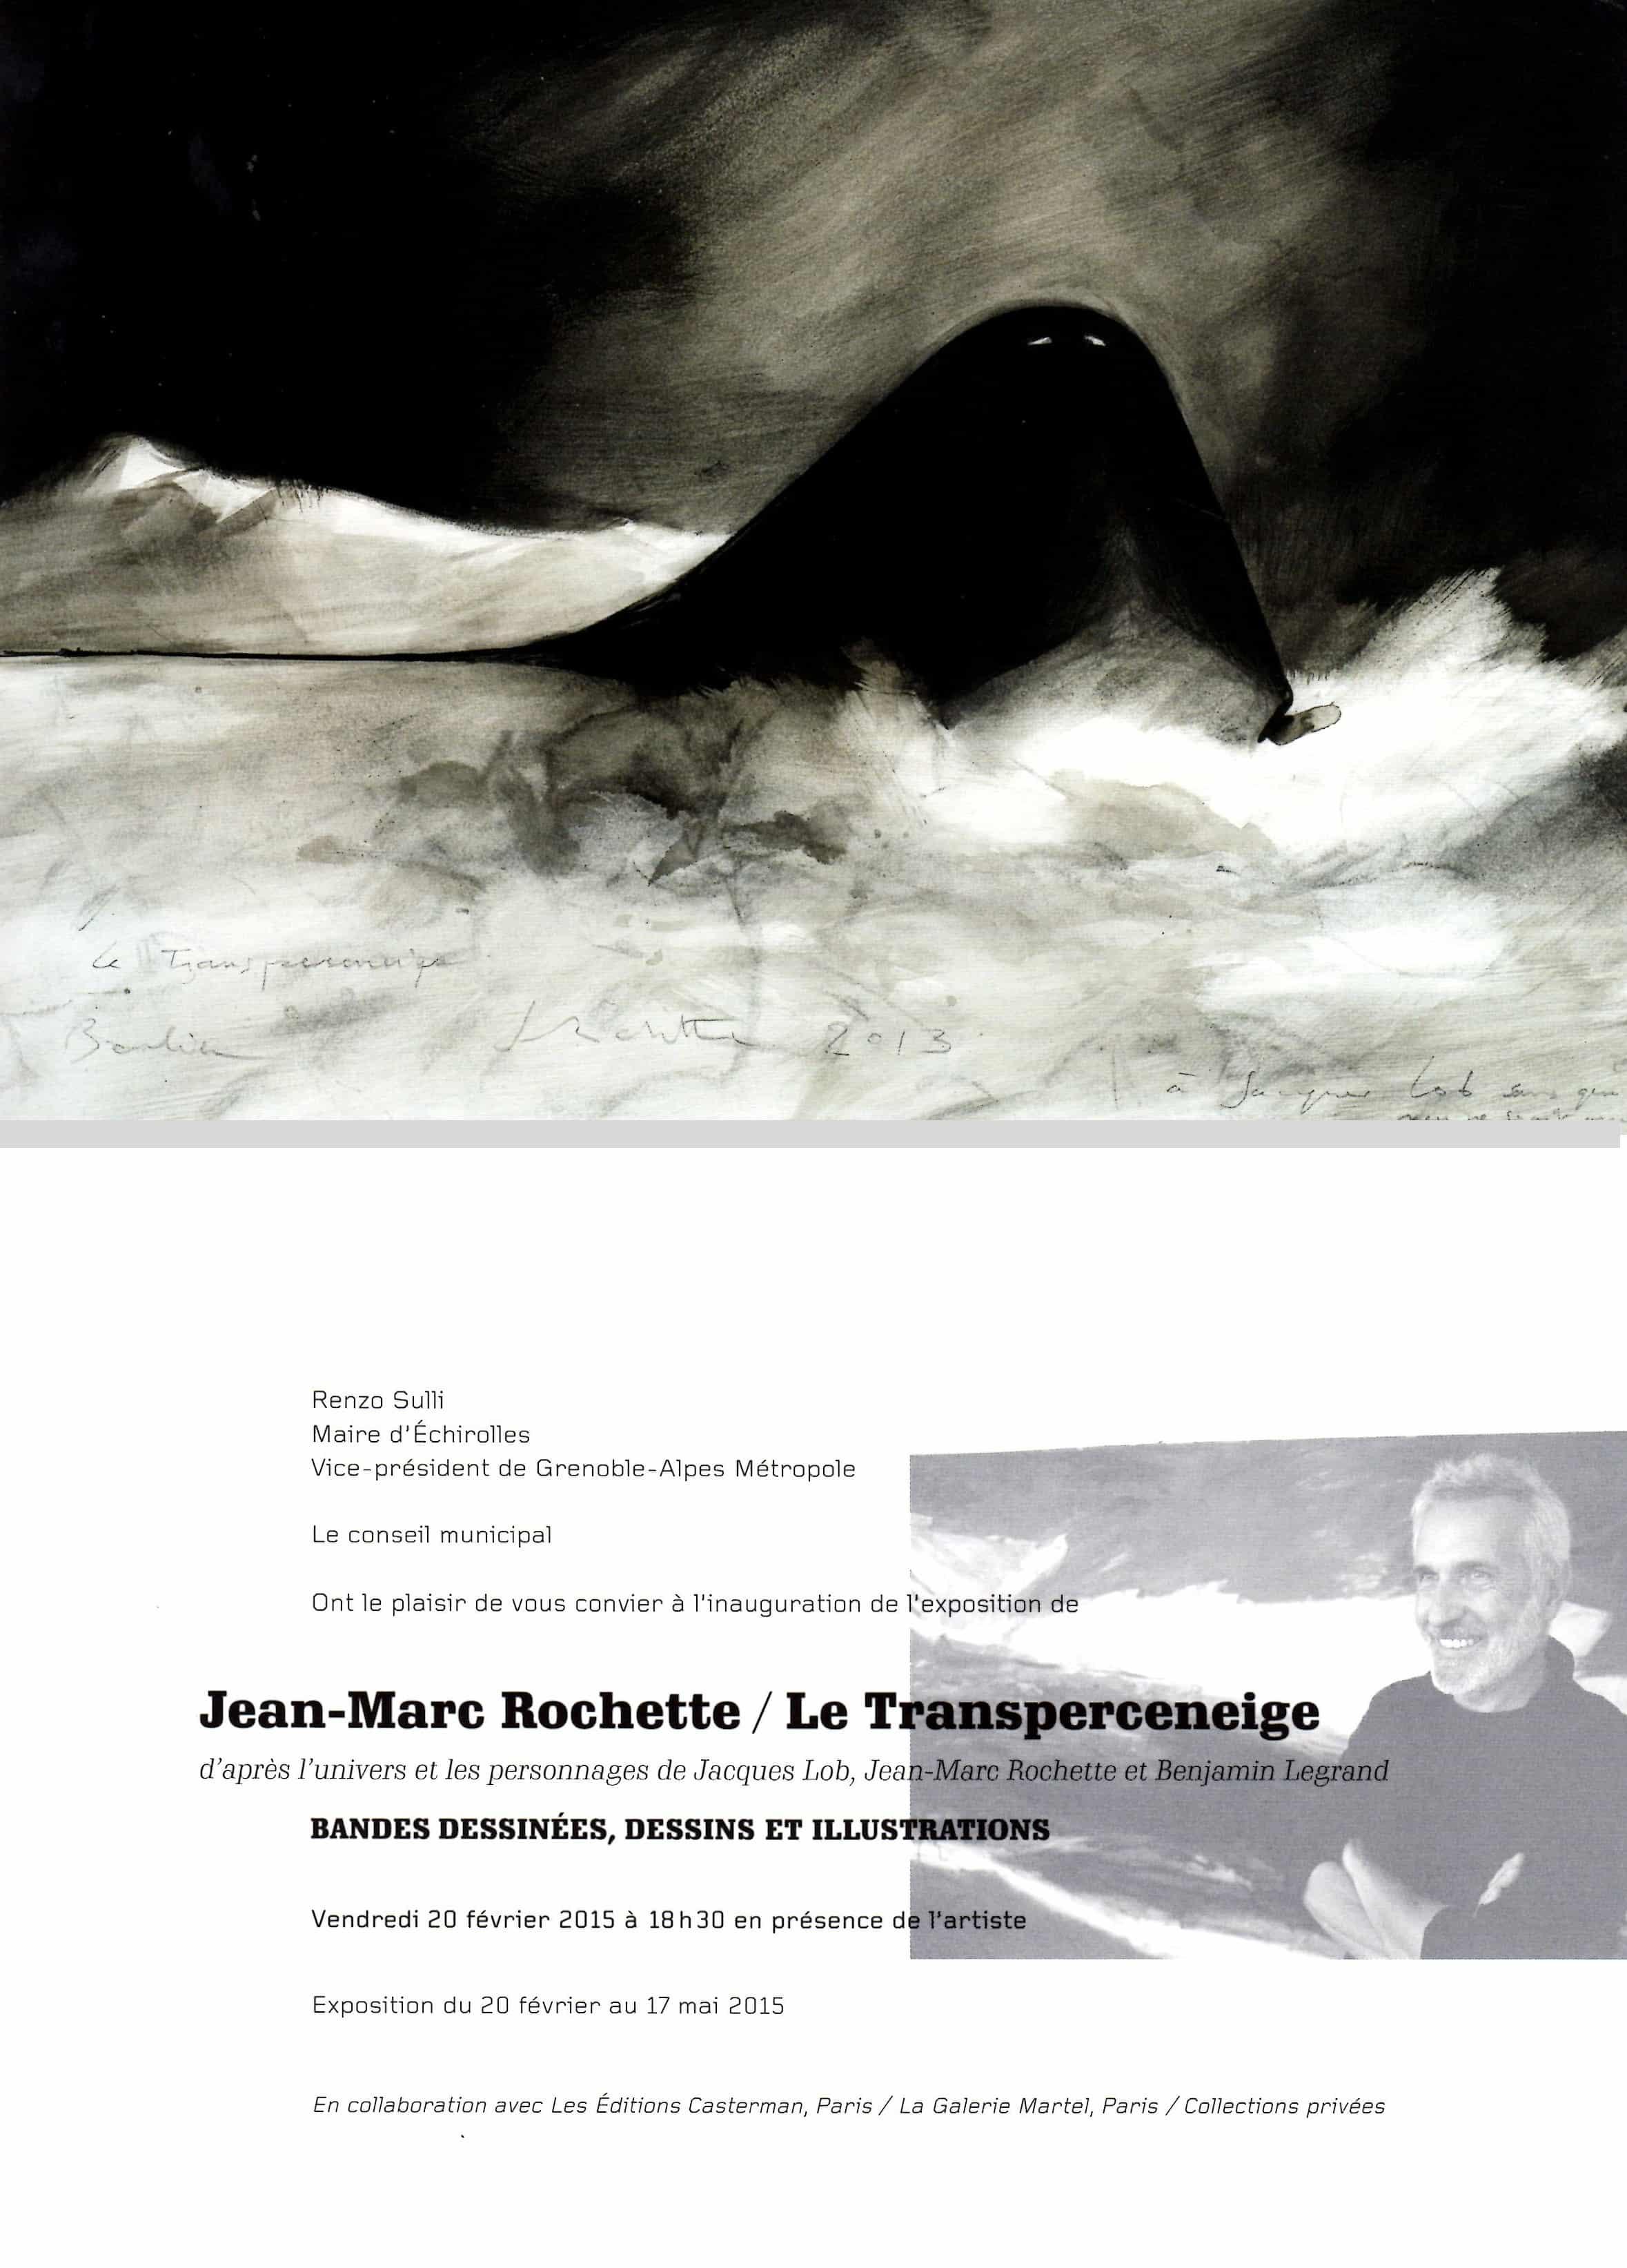 Jean-Marc Rochette au musée Géo-Charles à Échirolles à partir du 20 février